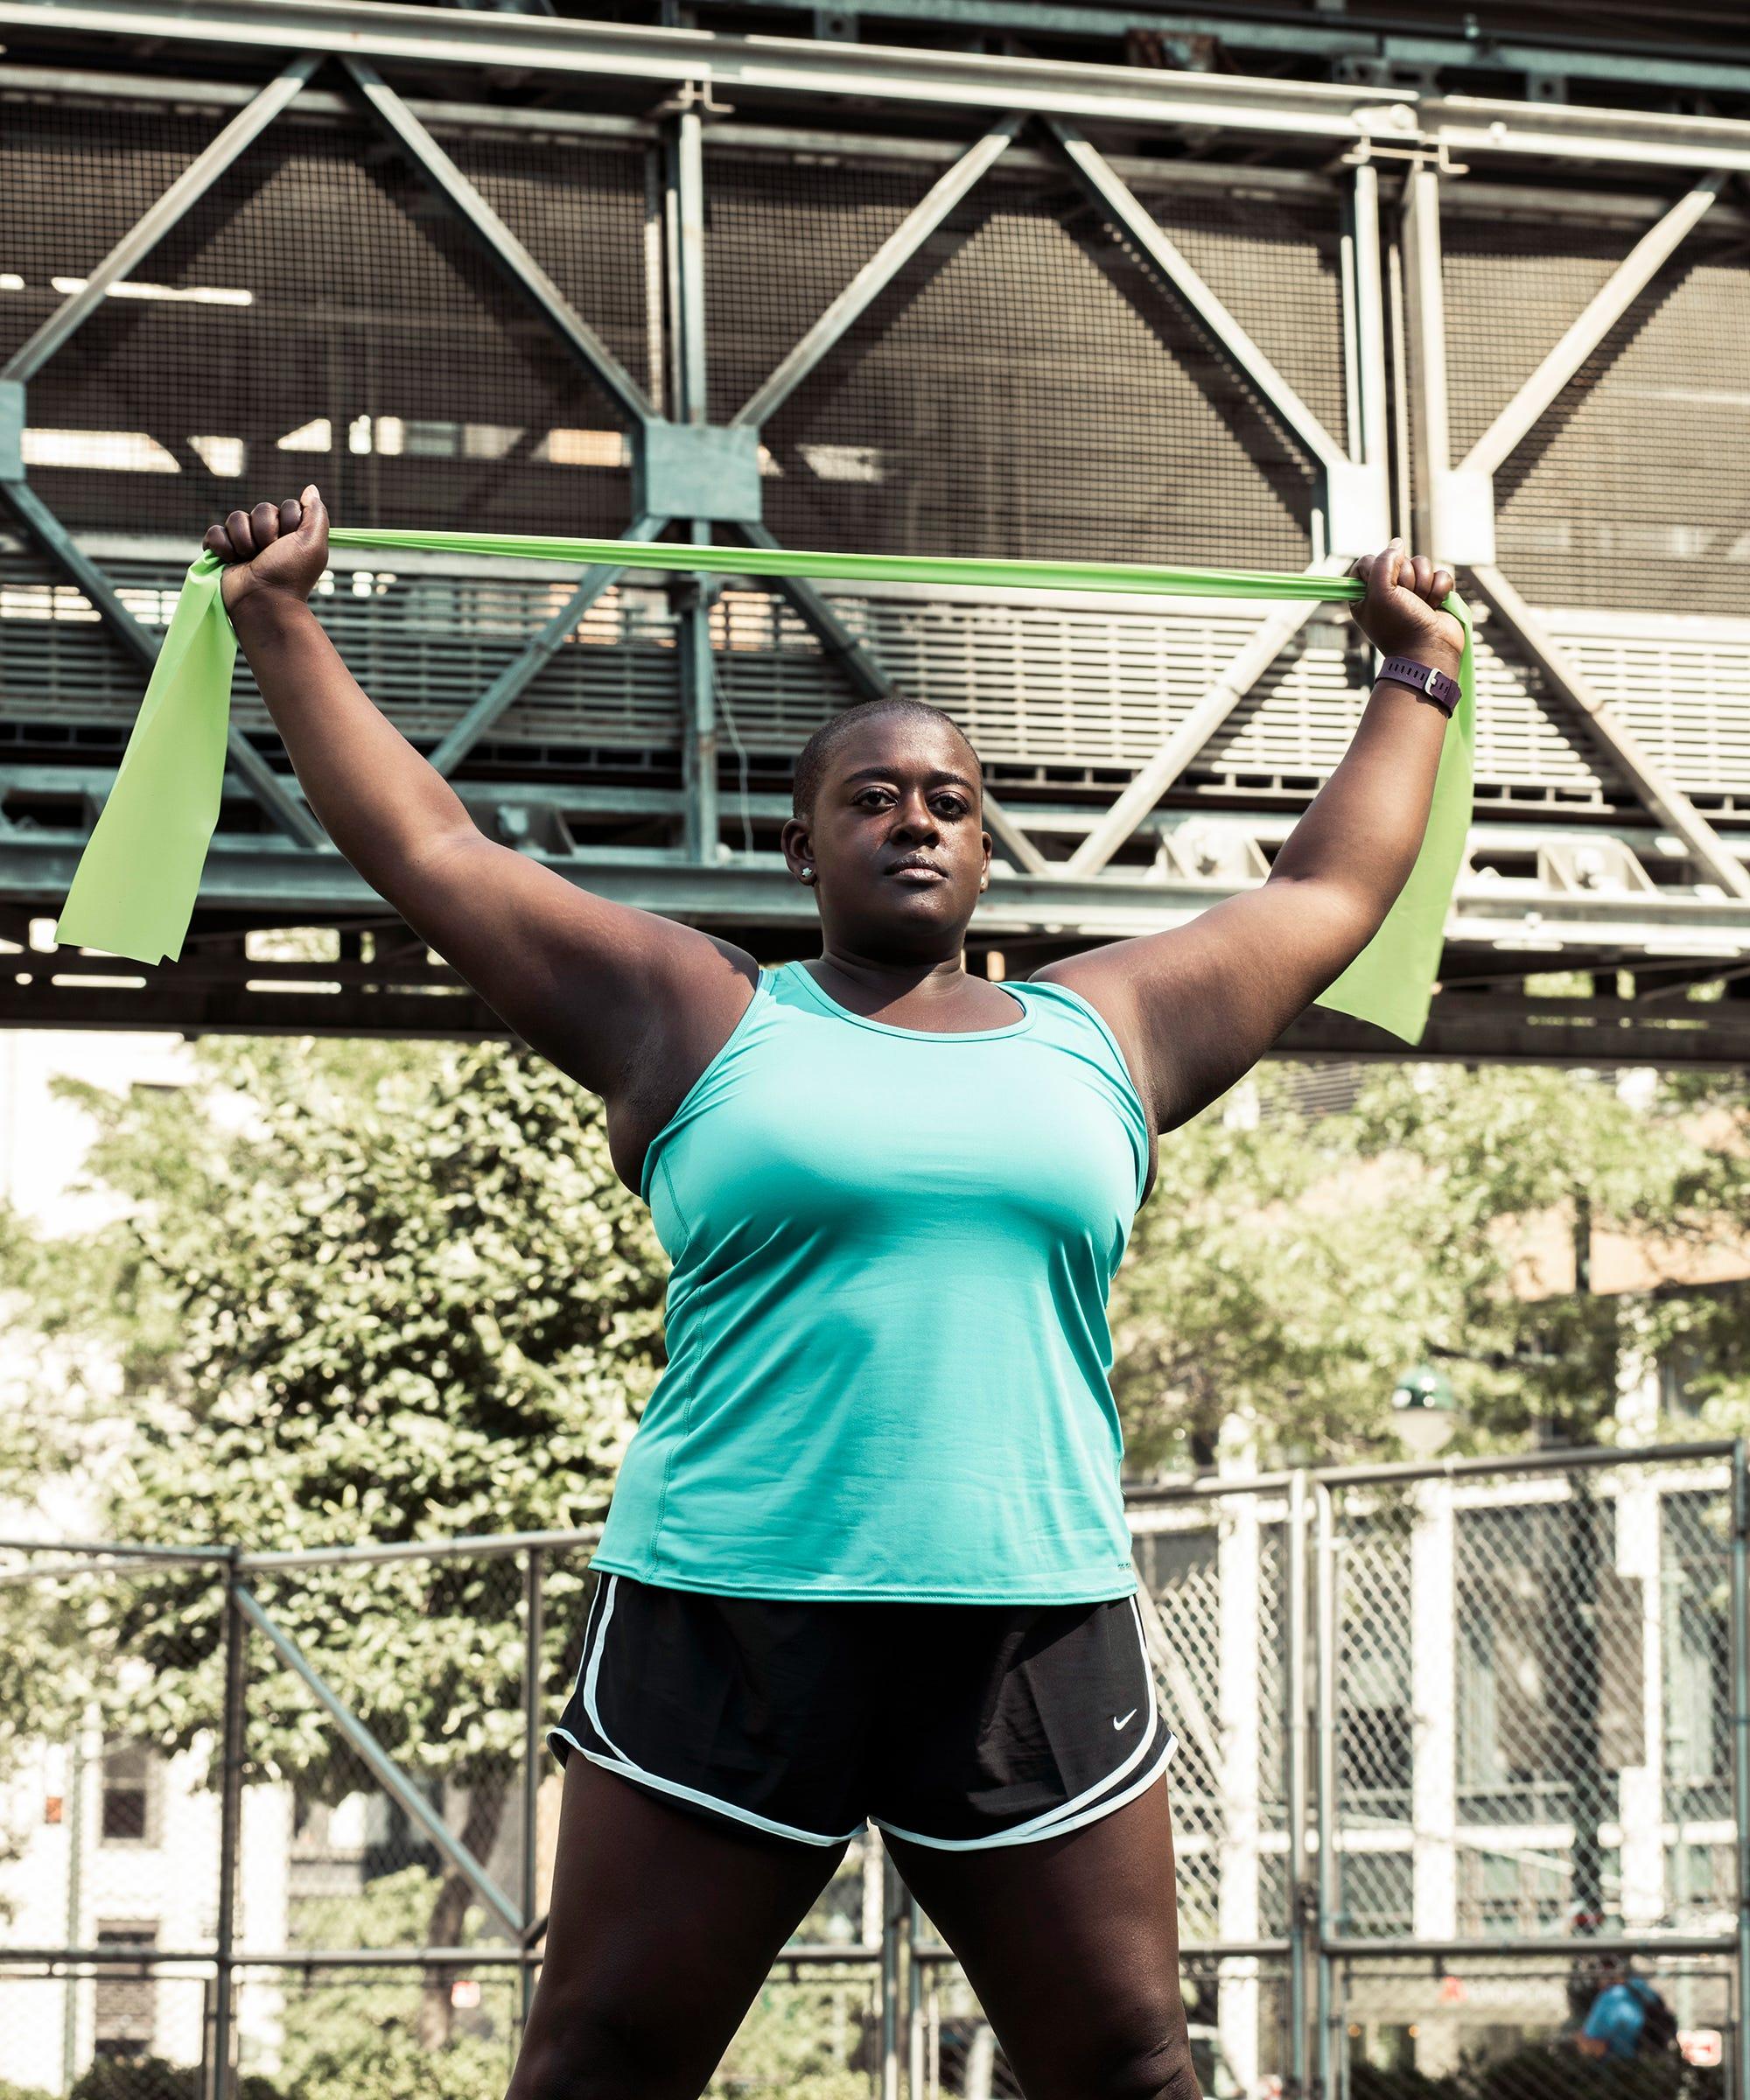 Workout Bands Youtube: Fit Me On Flipboard By Lori Fleischmann